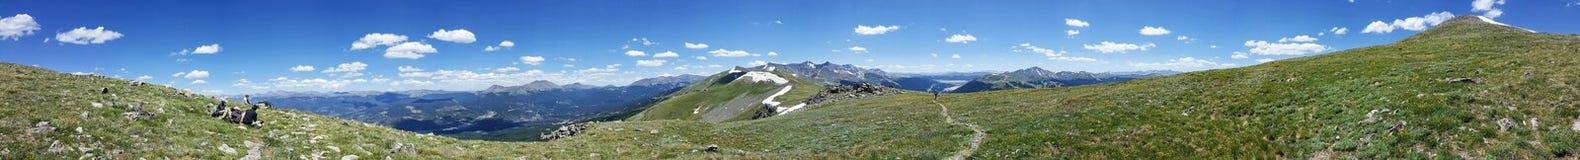 科罗拉多山风景 免版税库存图片